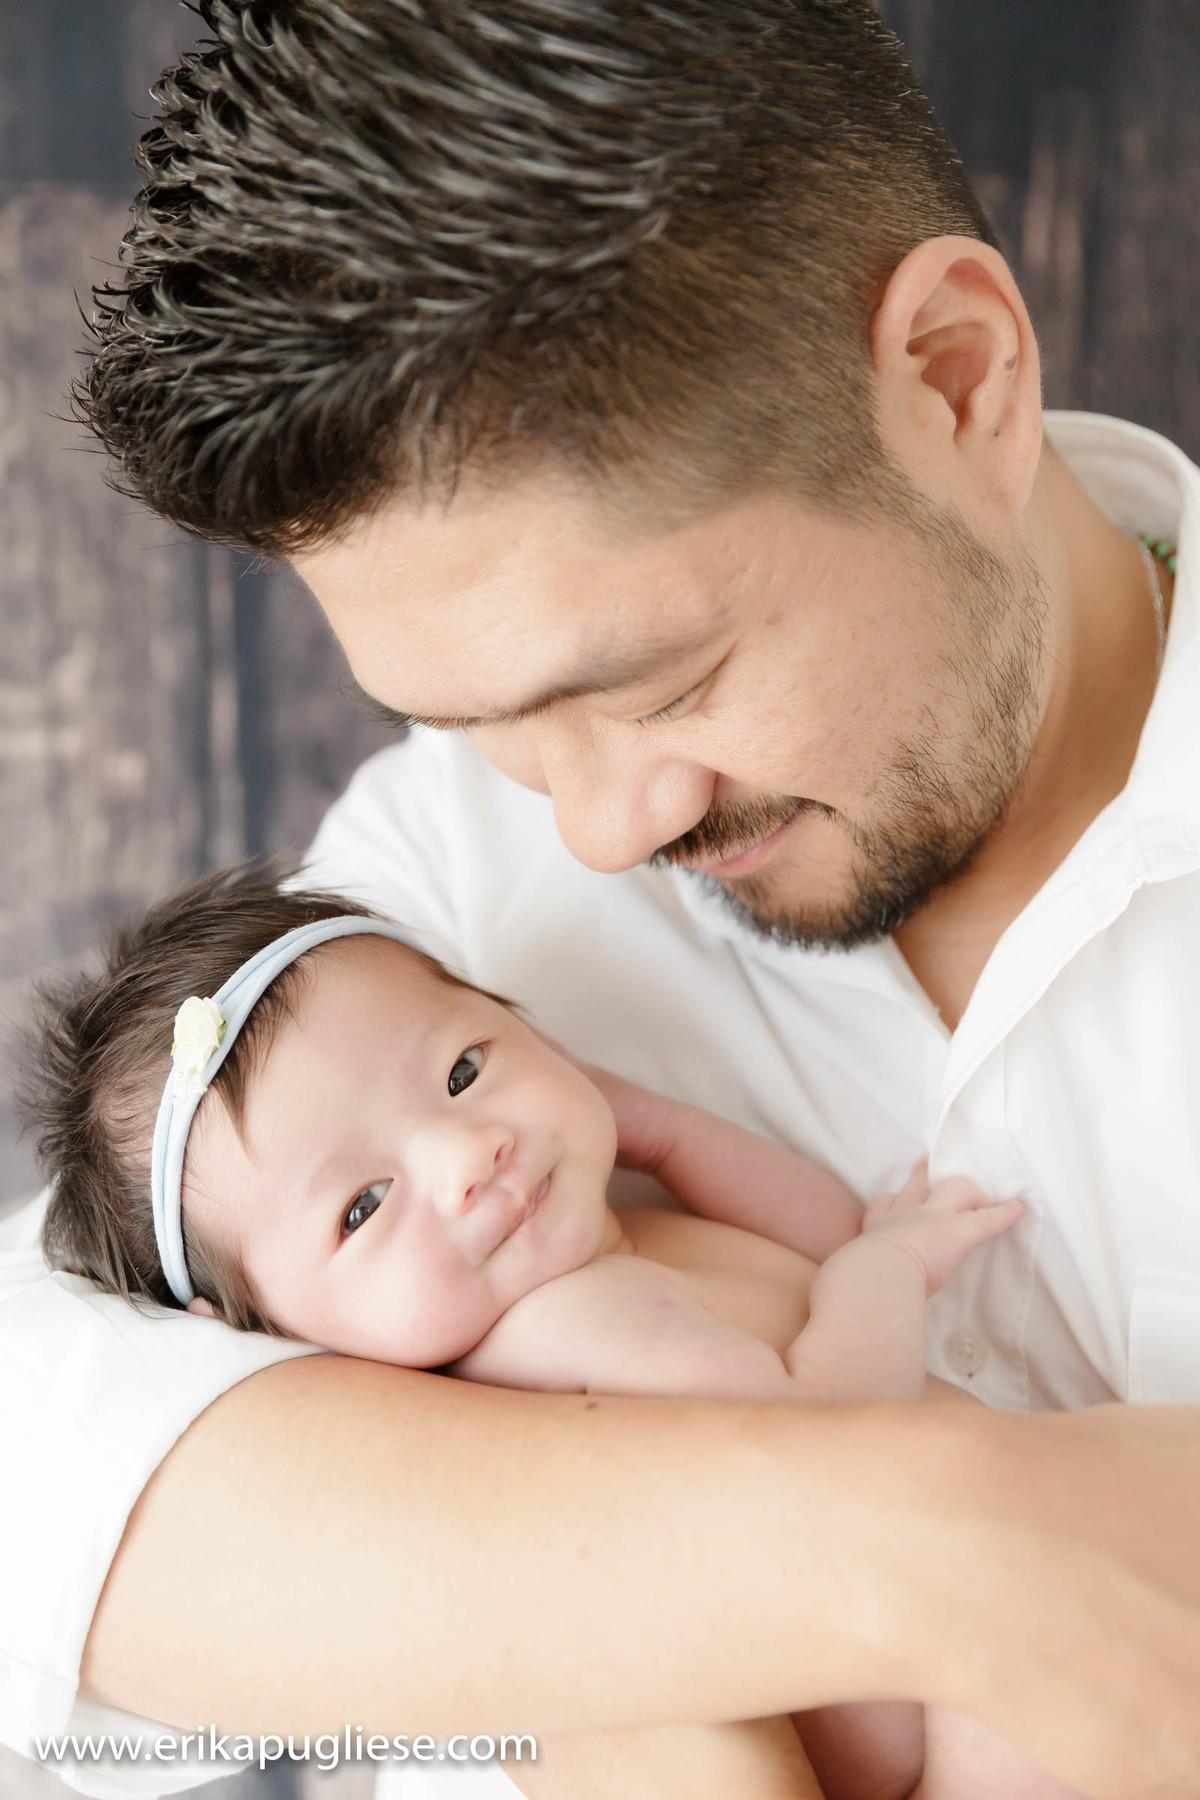 Quem é? Papai segura sua bebê recém nascida